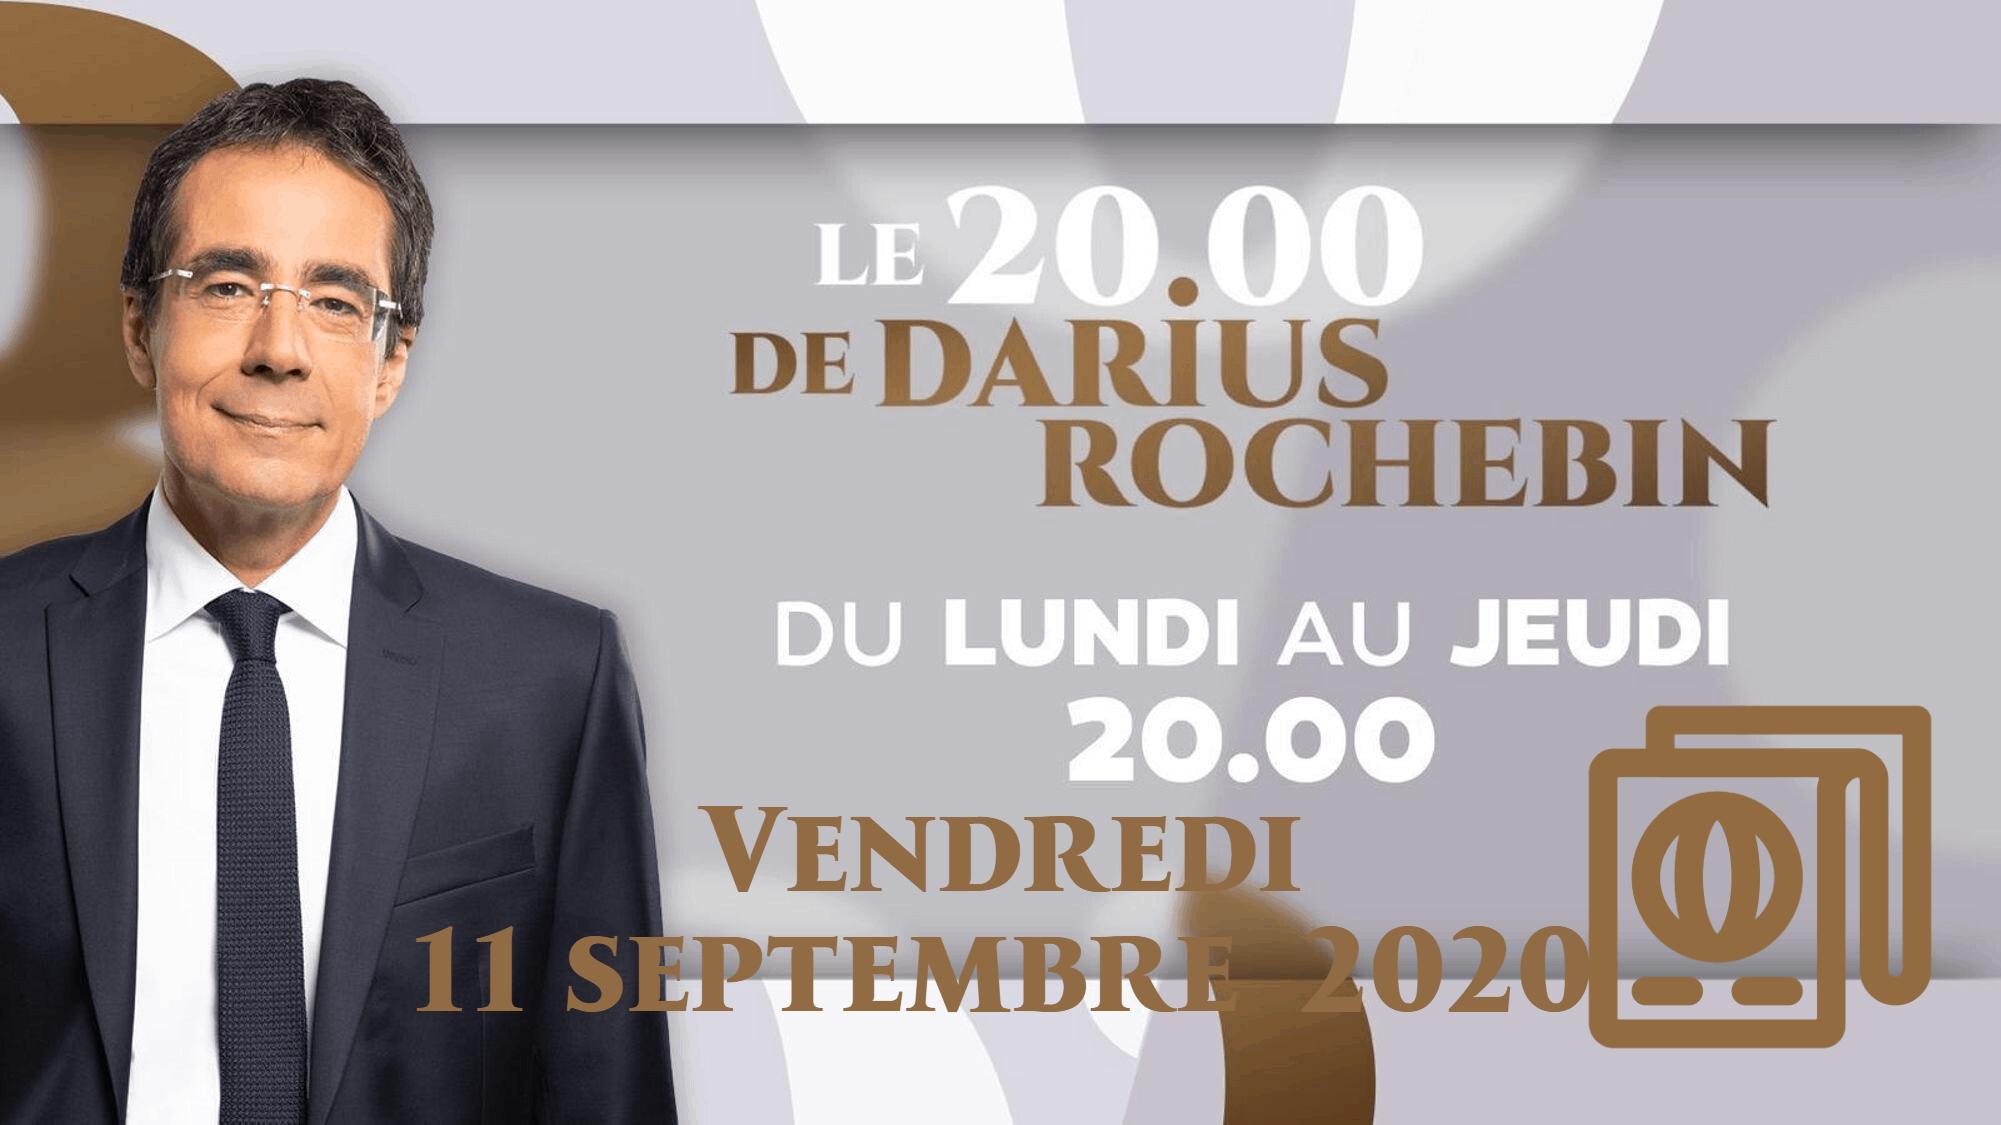 20h DARIUS ROCHEBIN vendredi 11 septembre 2020